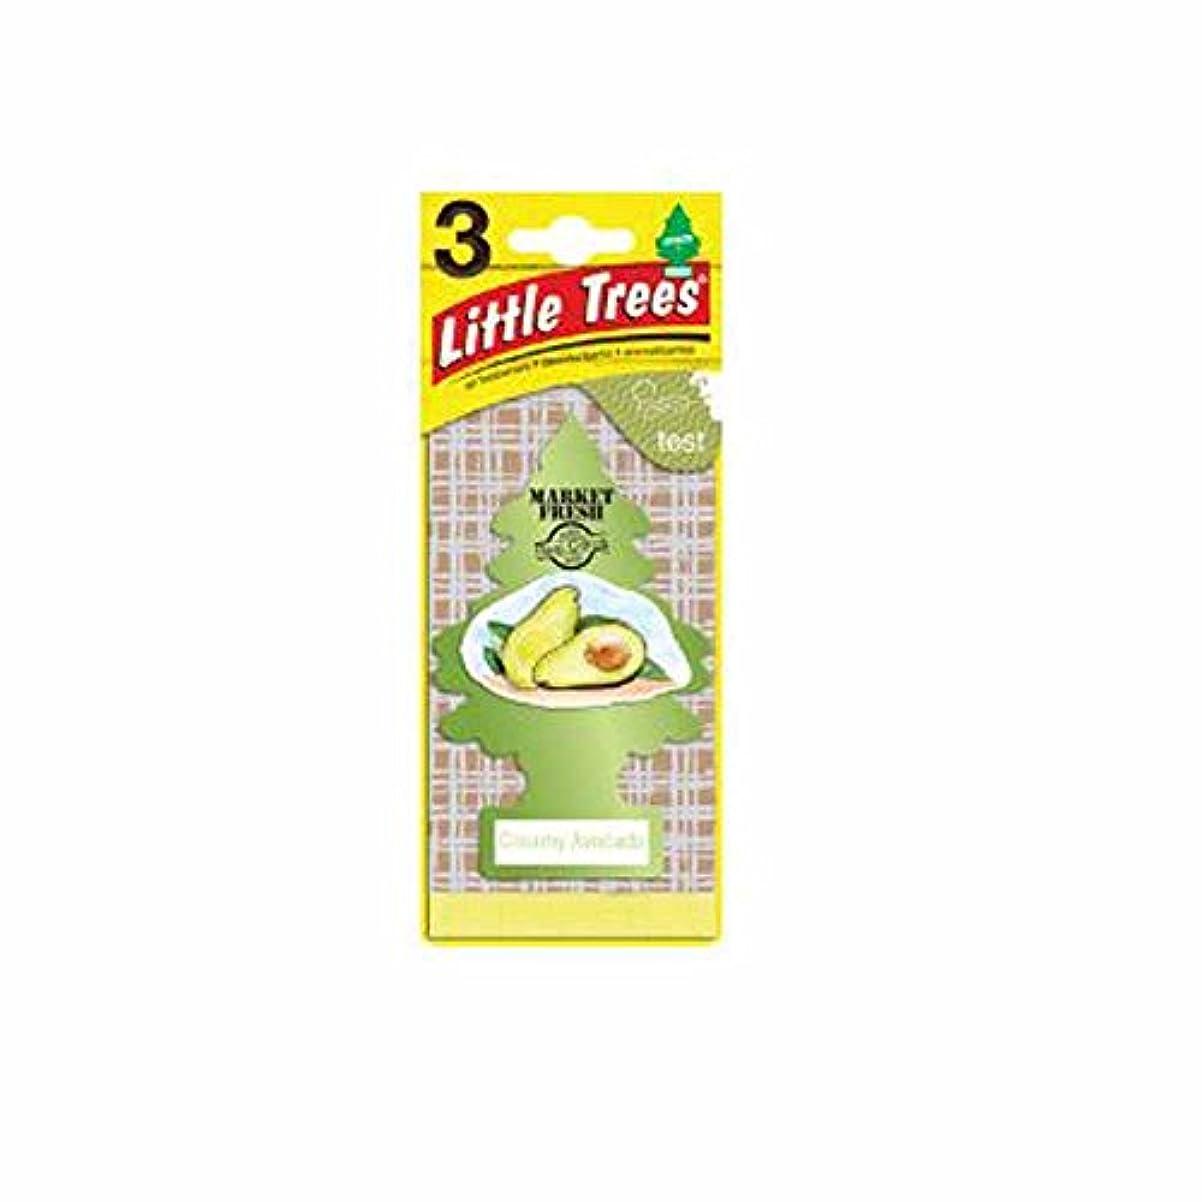 最小化するコンピューターを使用する環境Little Trees 吊下げタイプ エアーフレッシュナー creamy avocado(クリーミーアボカド) 3枚セット(3P) U3S-37340